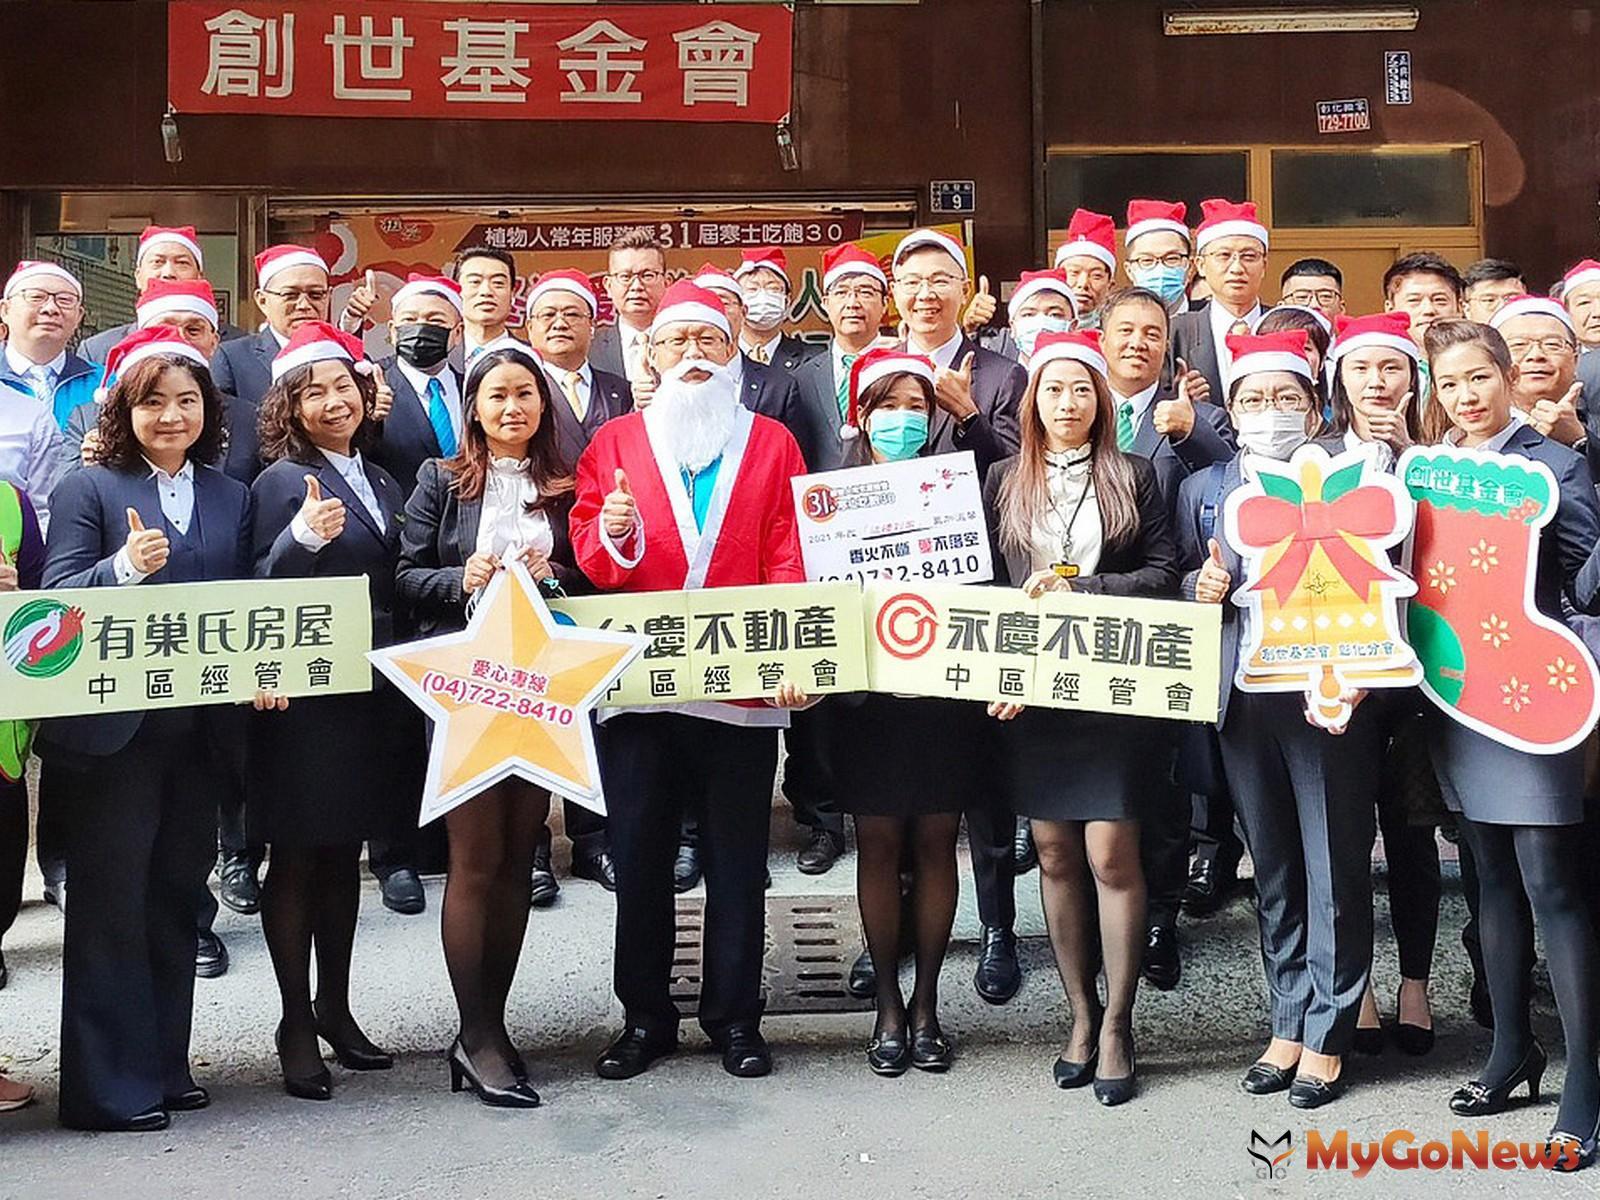 永慶加盟中區三品牌化身聖誕小天使舉辦「你委託,我捐款」幫植物人家庭安心過好年(圖/業者提供) MyGoNews房地產新聞 市場快訊